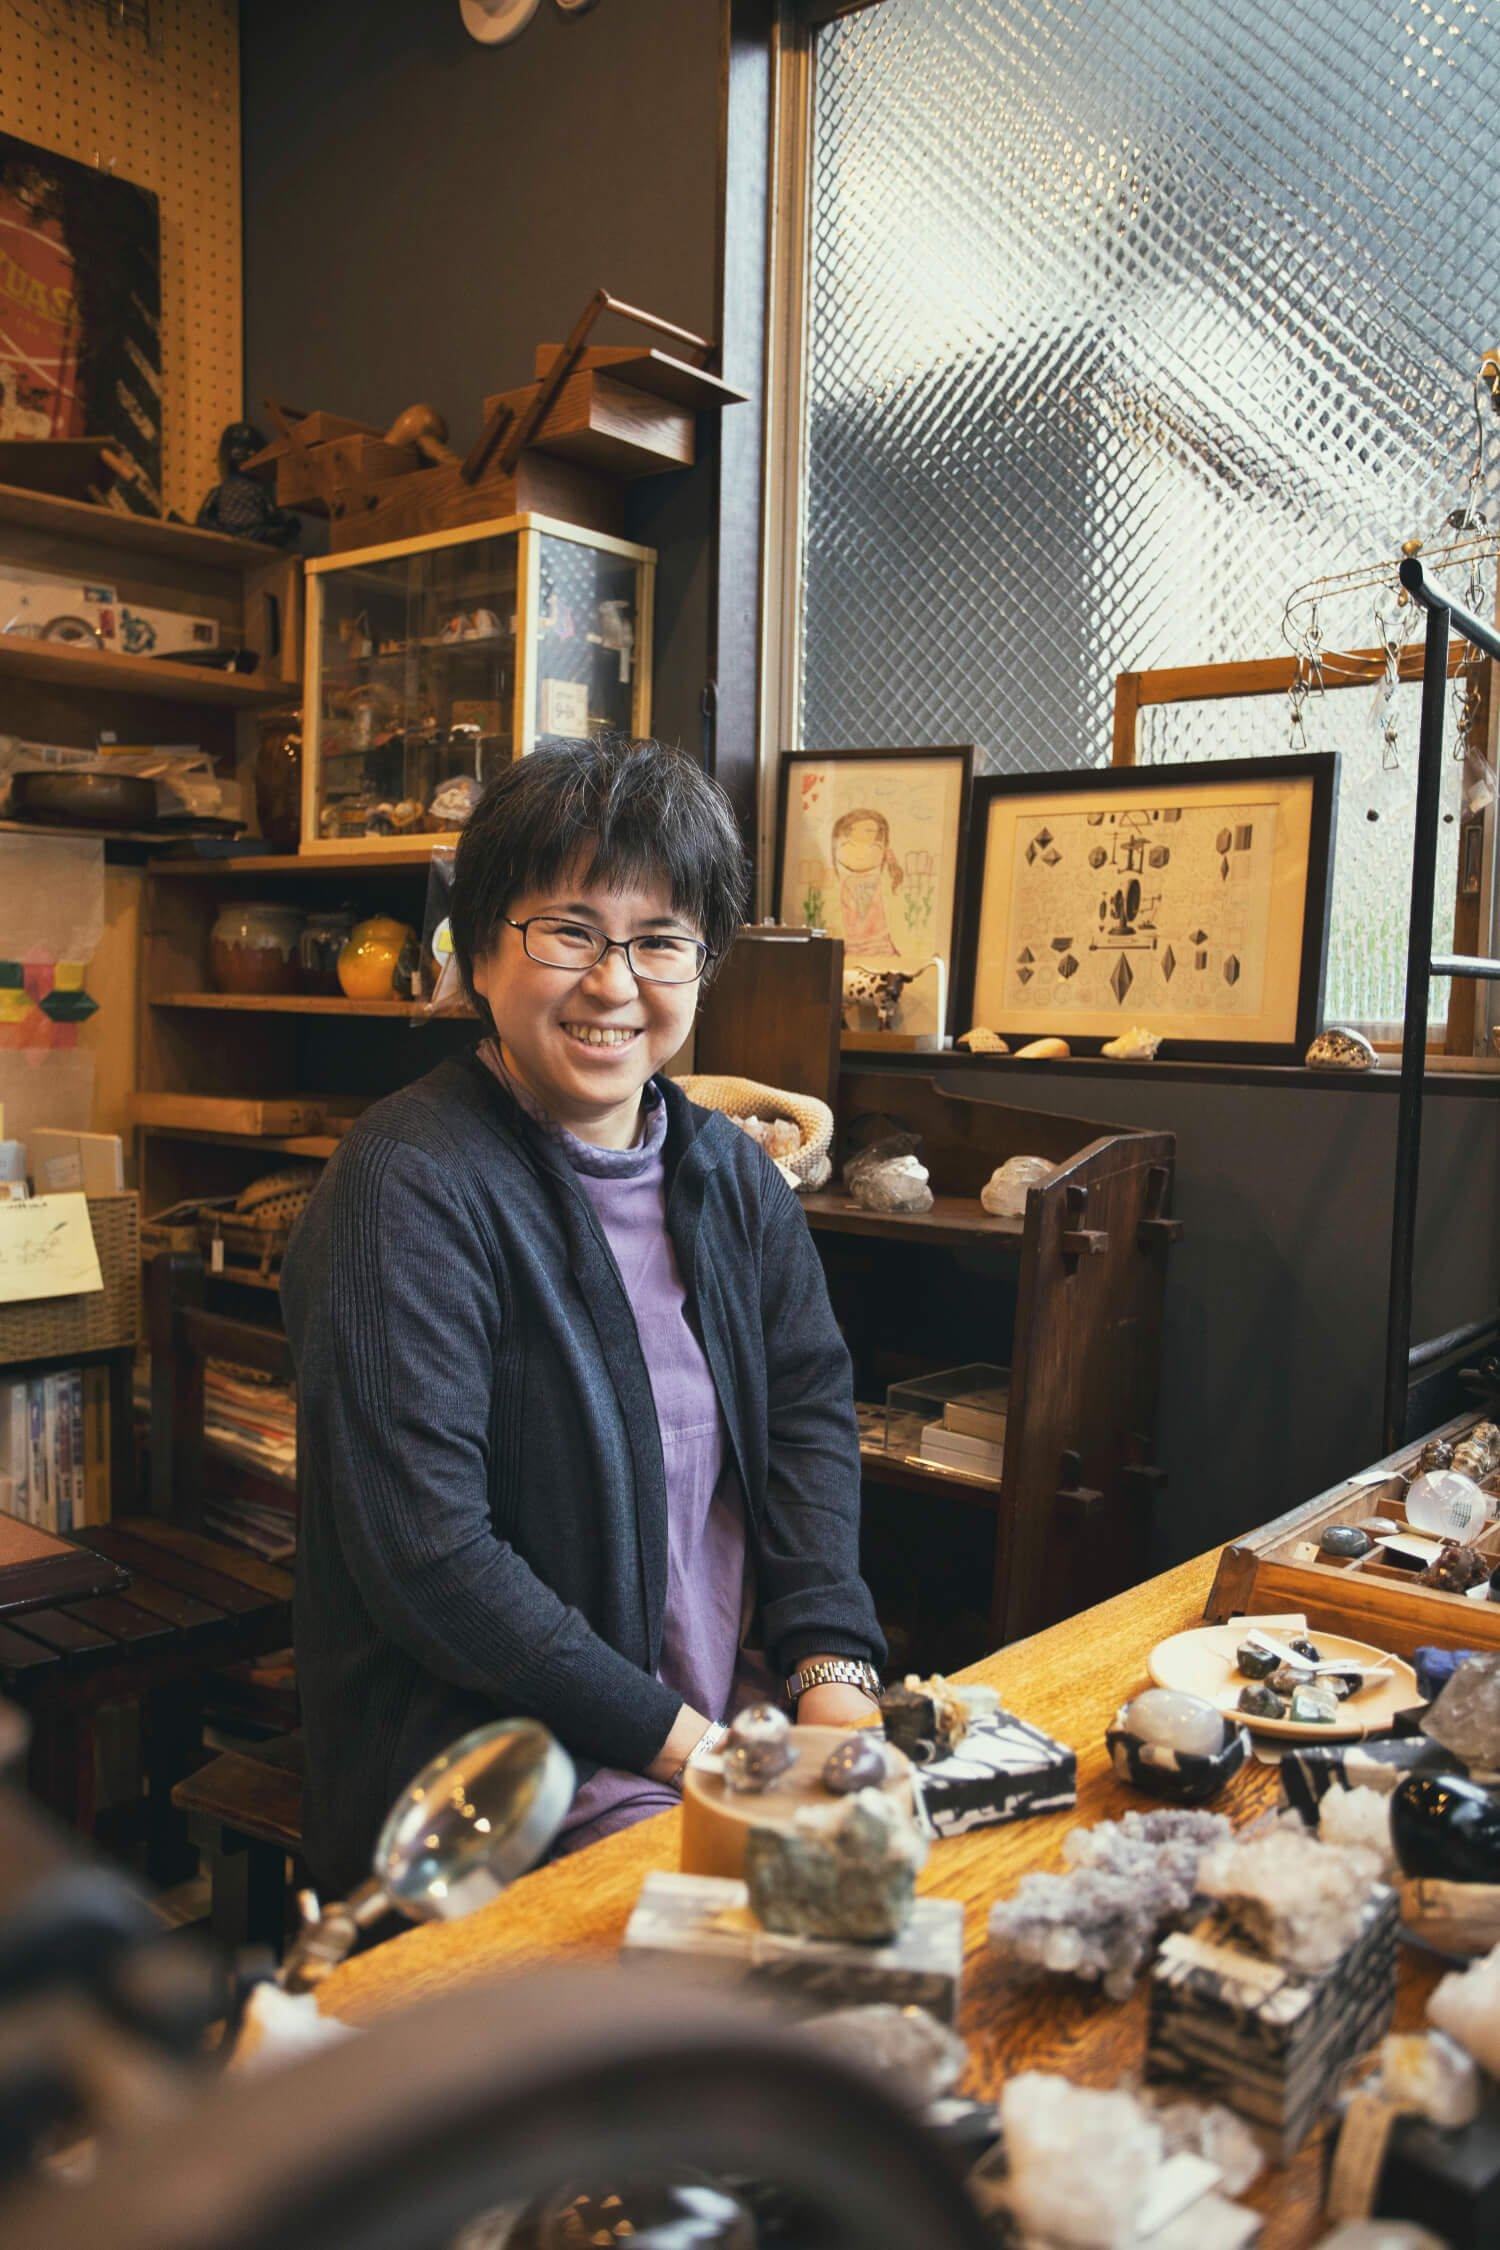 水川さんはかつて田端にお店を開いたが閉店、2018年に向島で再オープン。